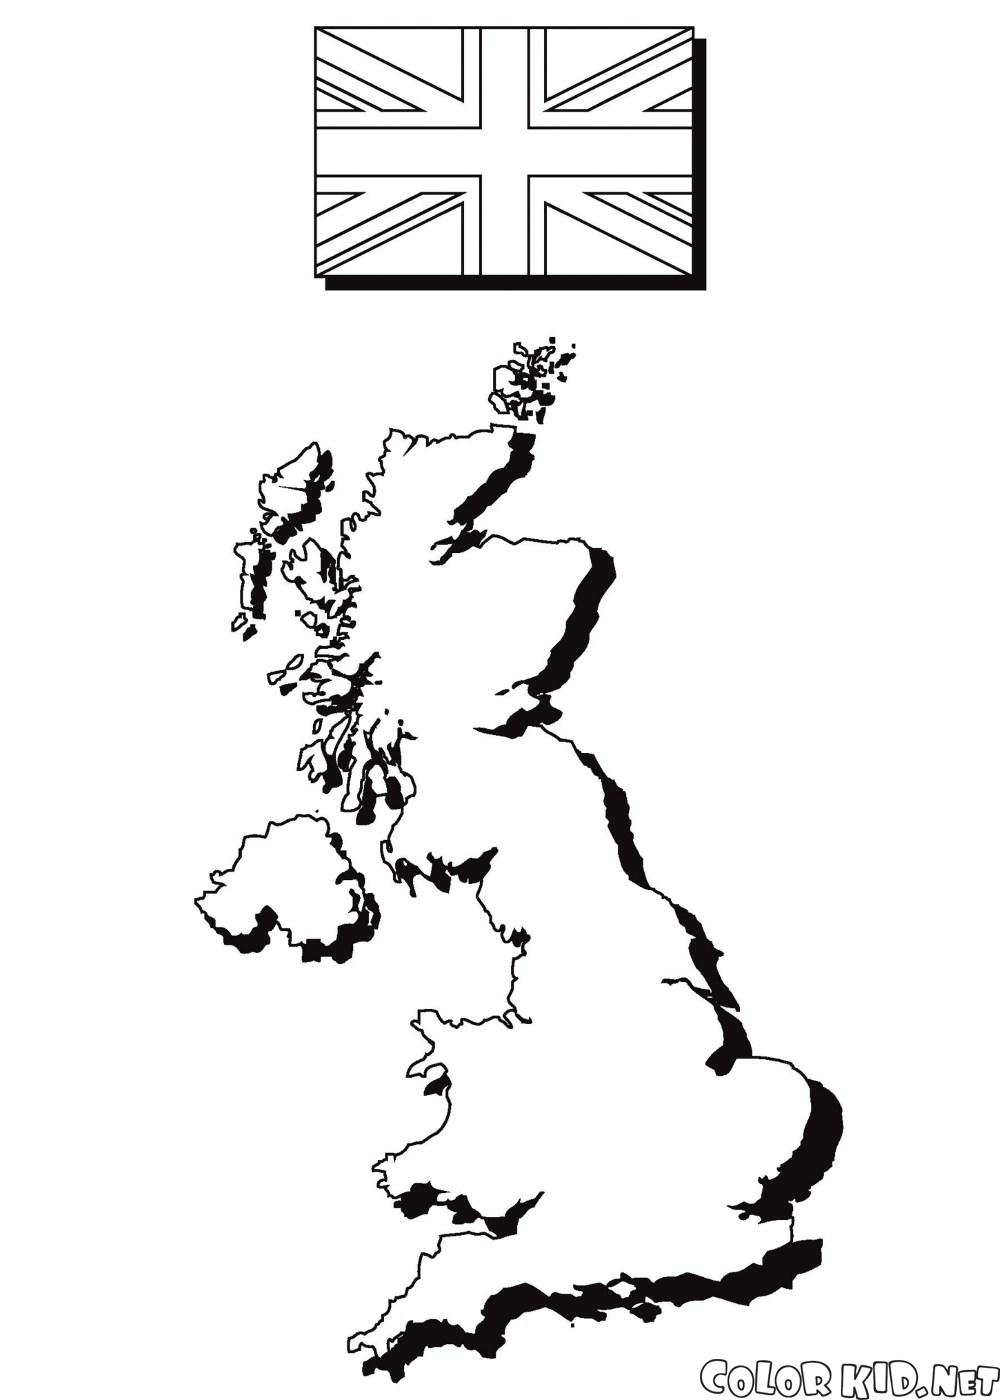 El mapa y la bandera de Inglaterra